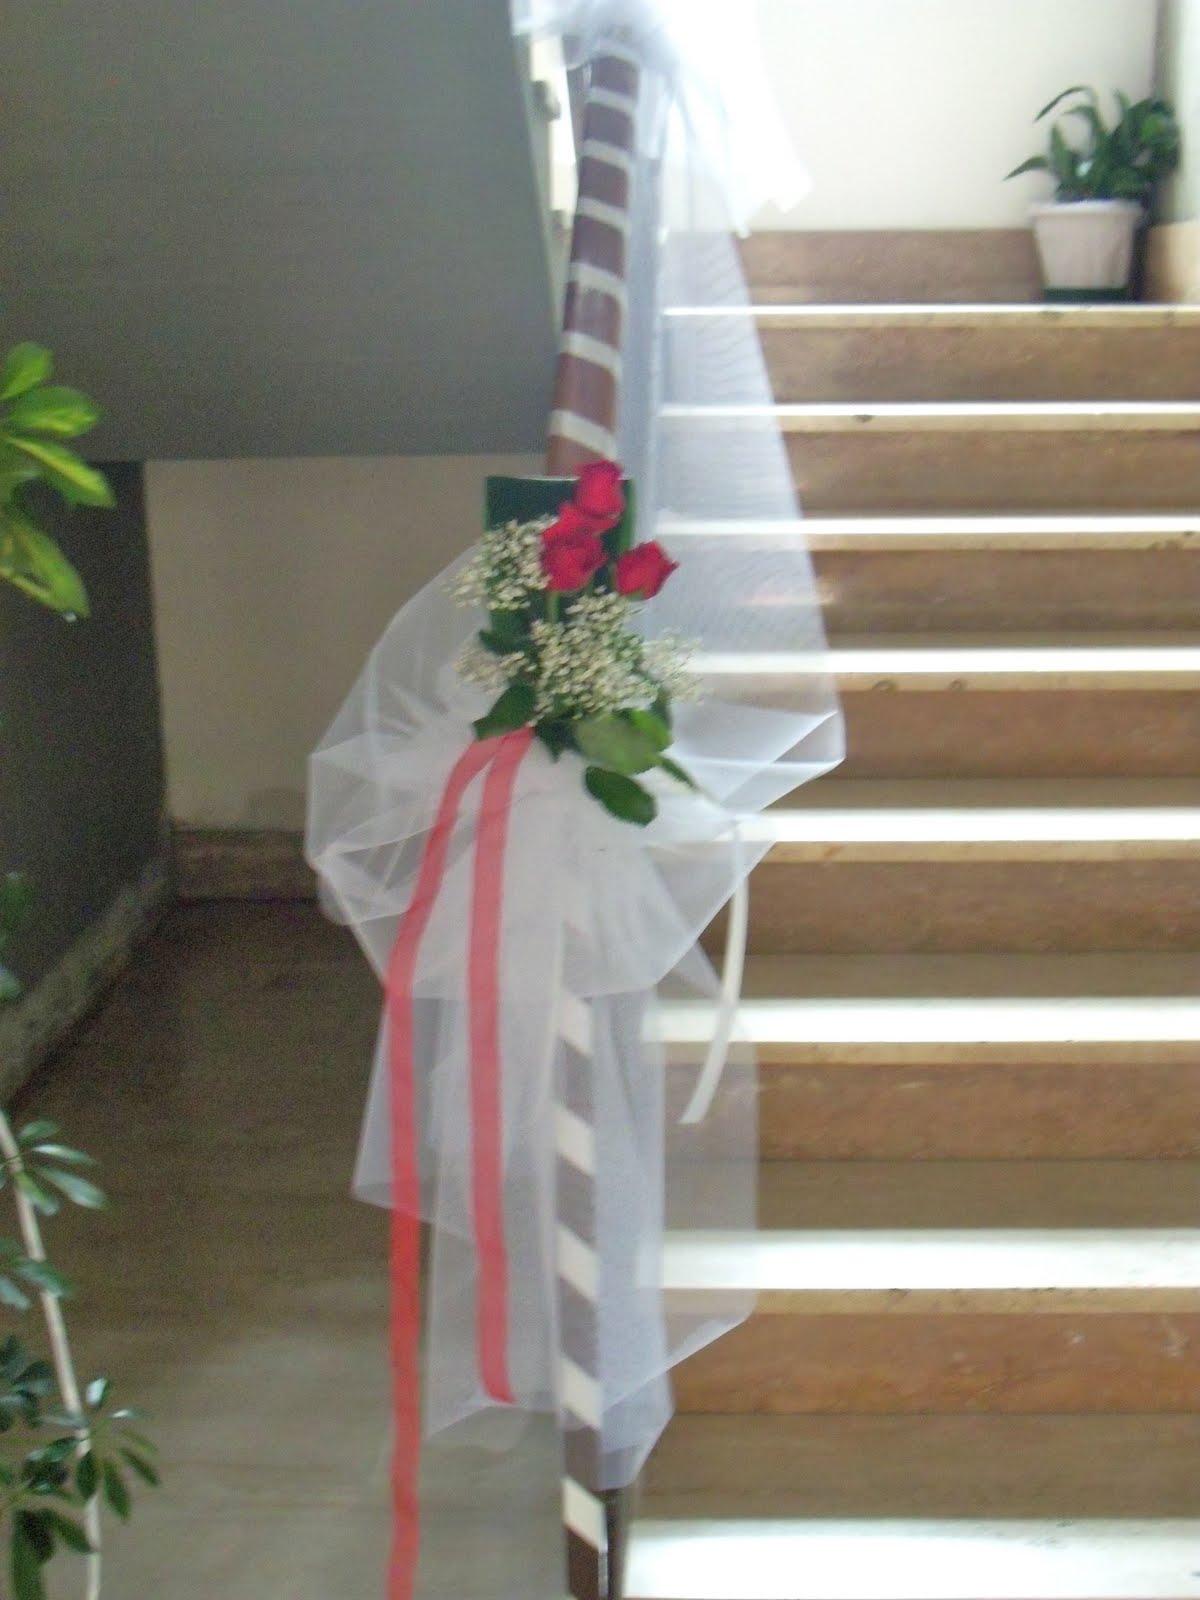 Conosciuto le gioie di aleuname: Matrimonioquanti,tanti ogni anno!!!! GP45